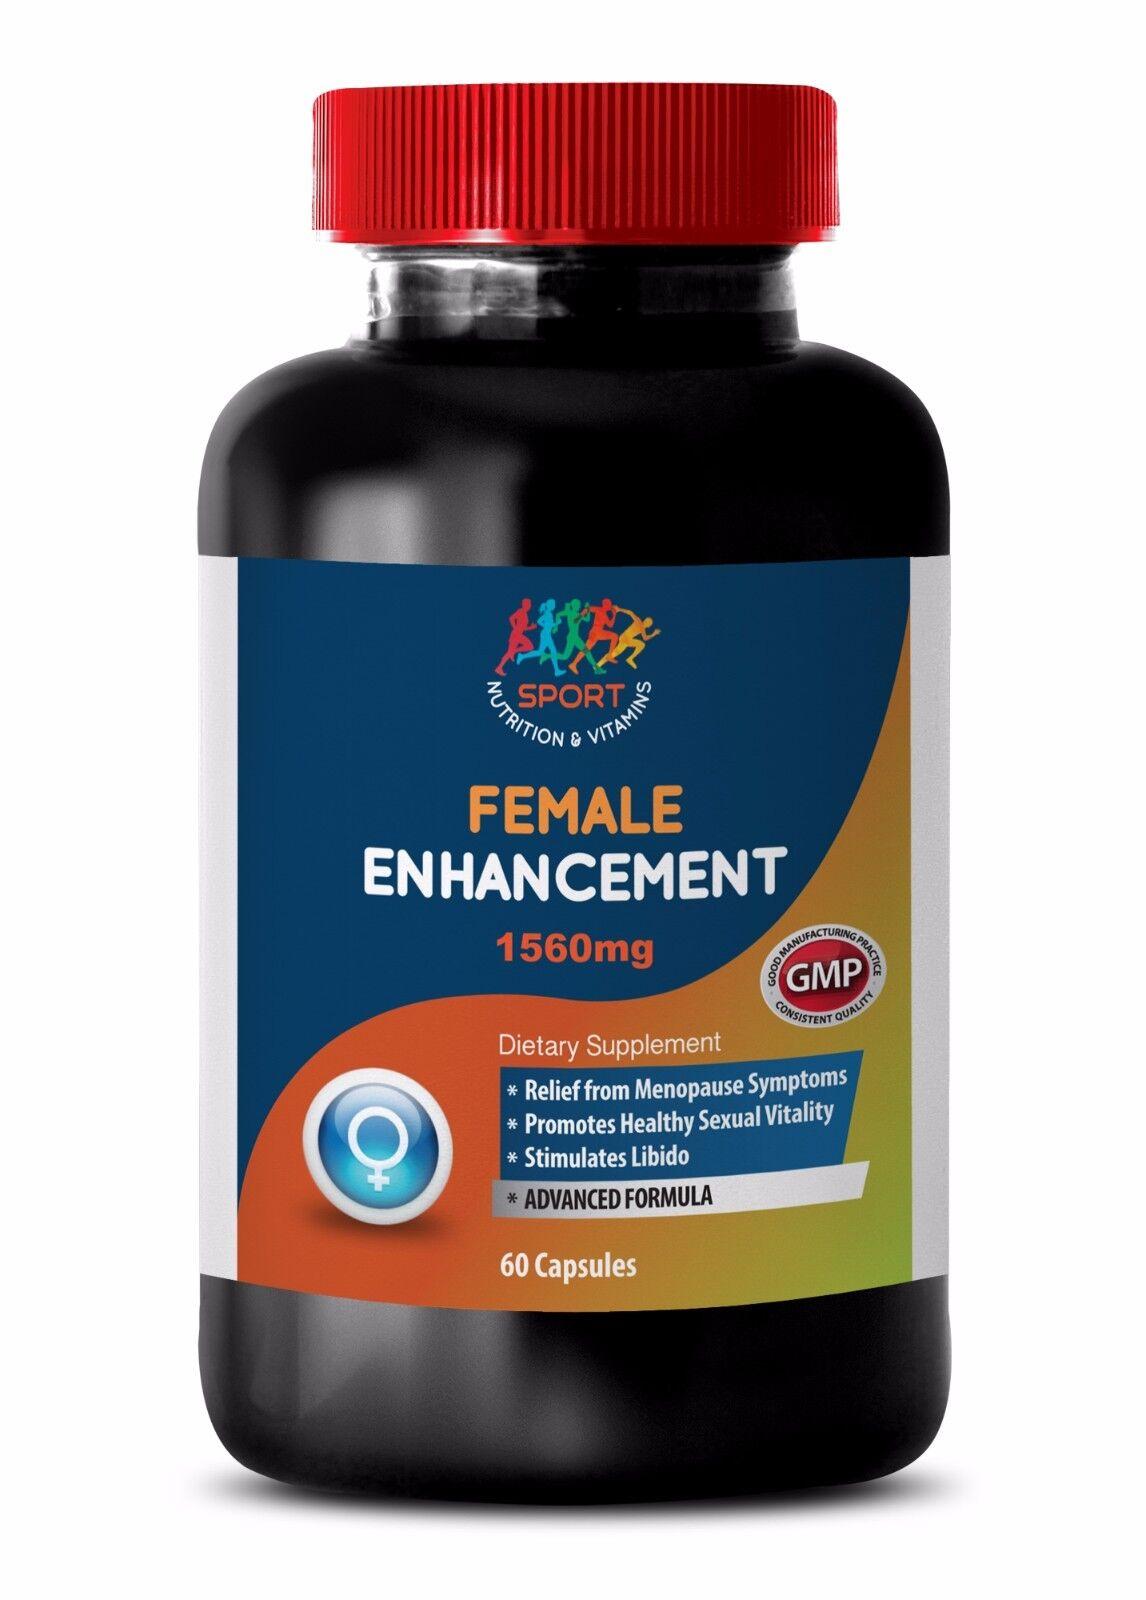 weight loss pills for women - FEMALE ENHANCEMENT PILLS 1B